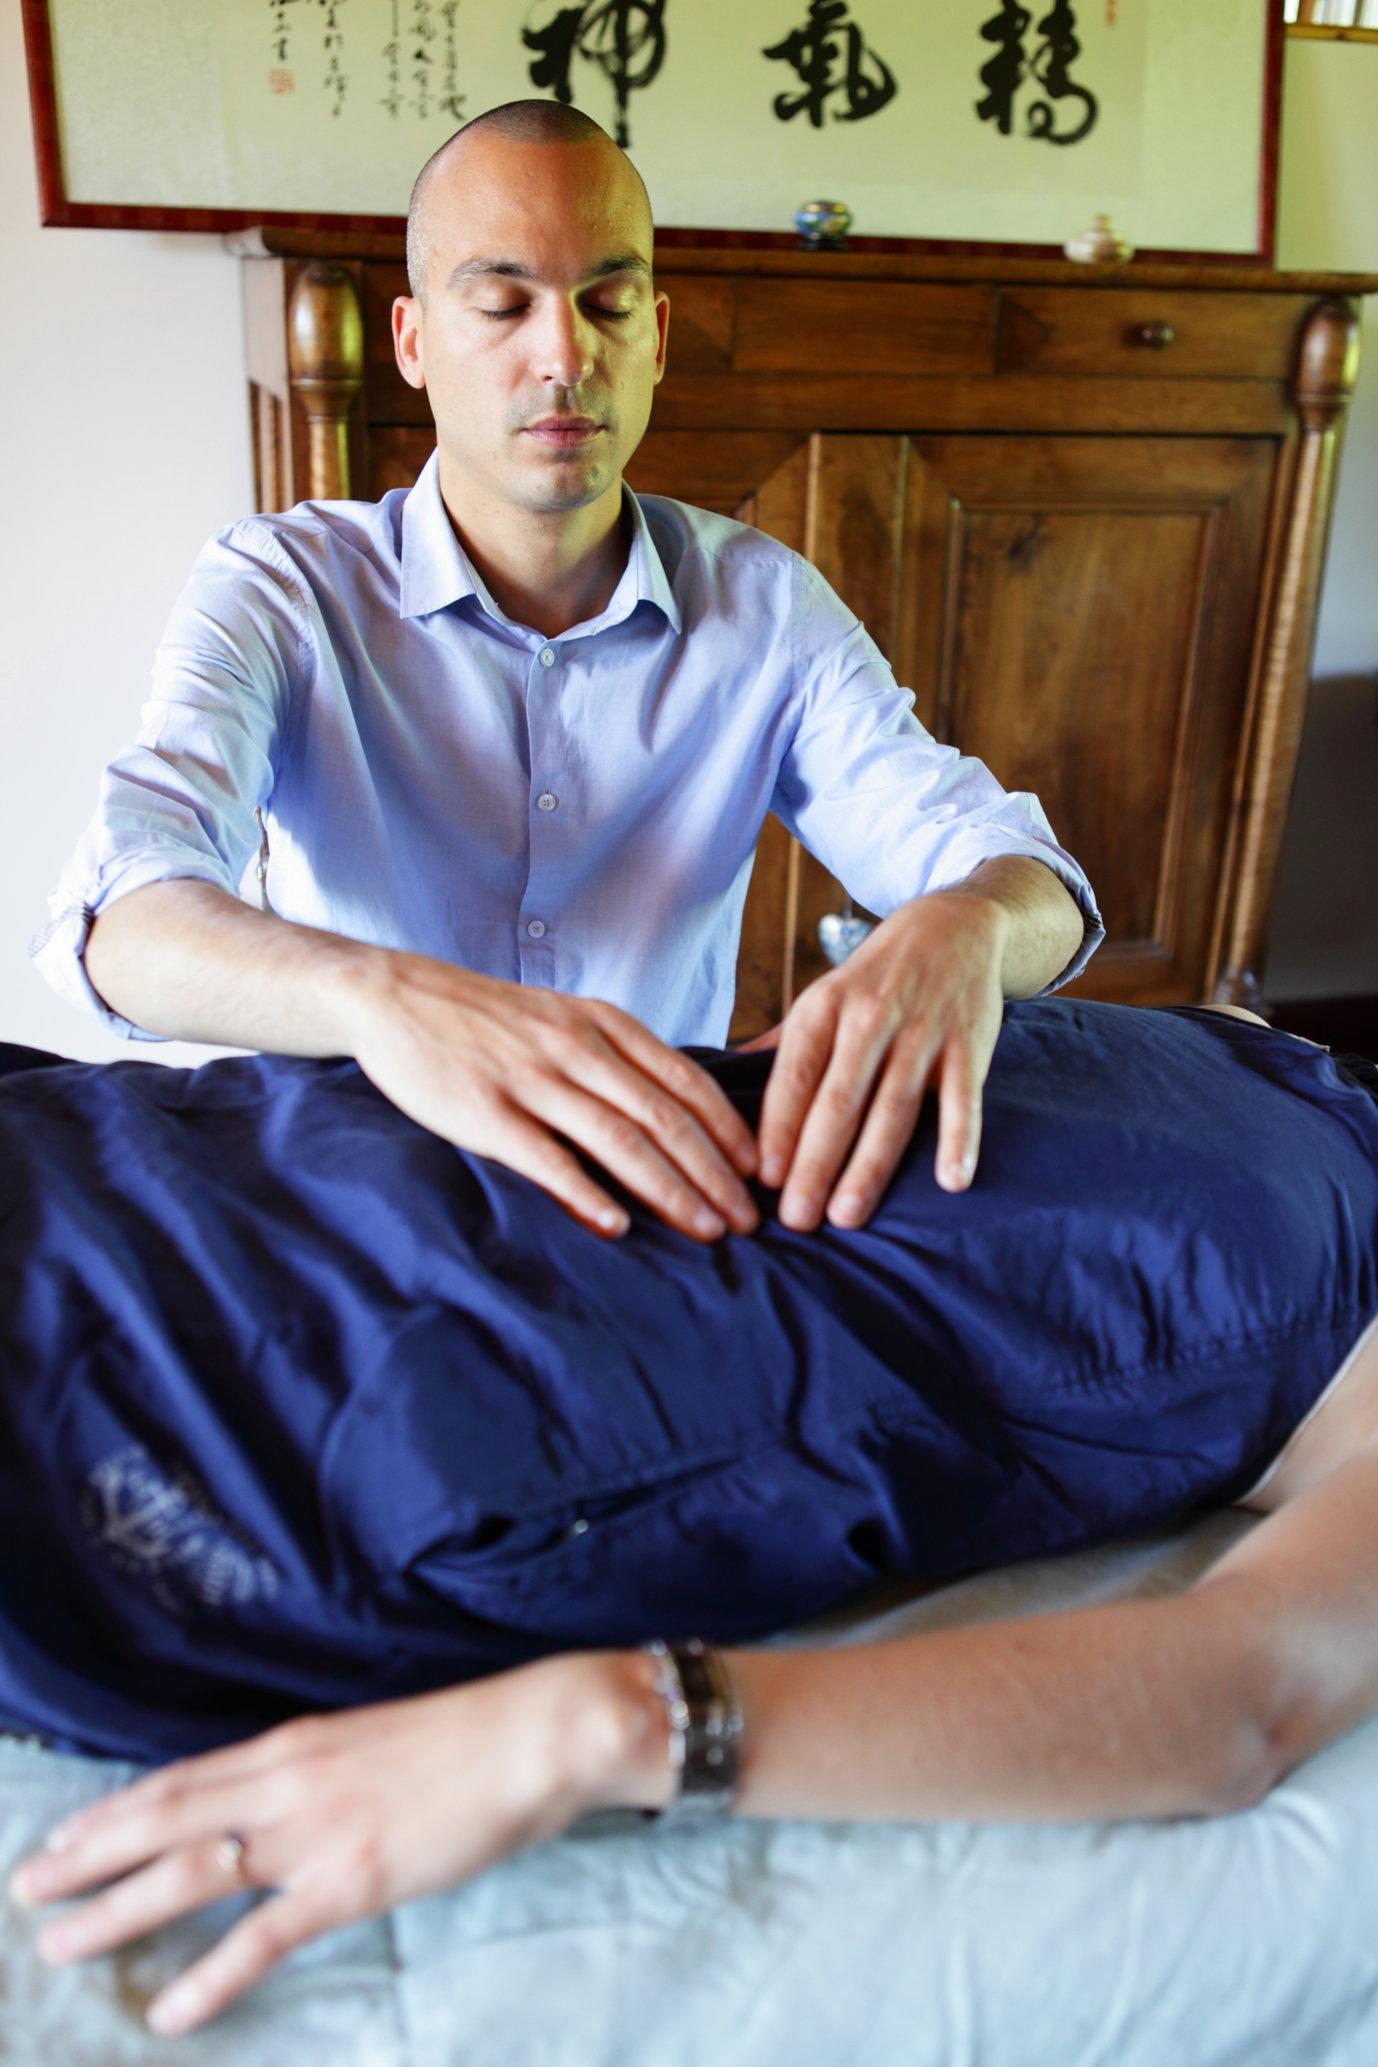 Qi Gong Tuina chambéry, qigong tuina genève, énergétiques chinoise genève, médecine chinoise genève, médecine chinoise chambéry